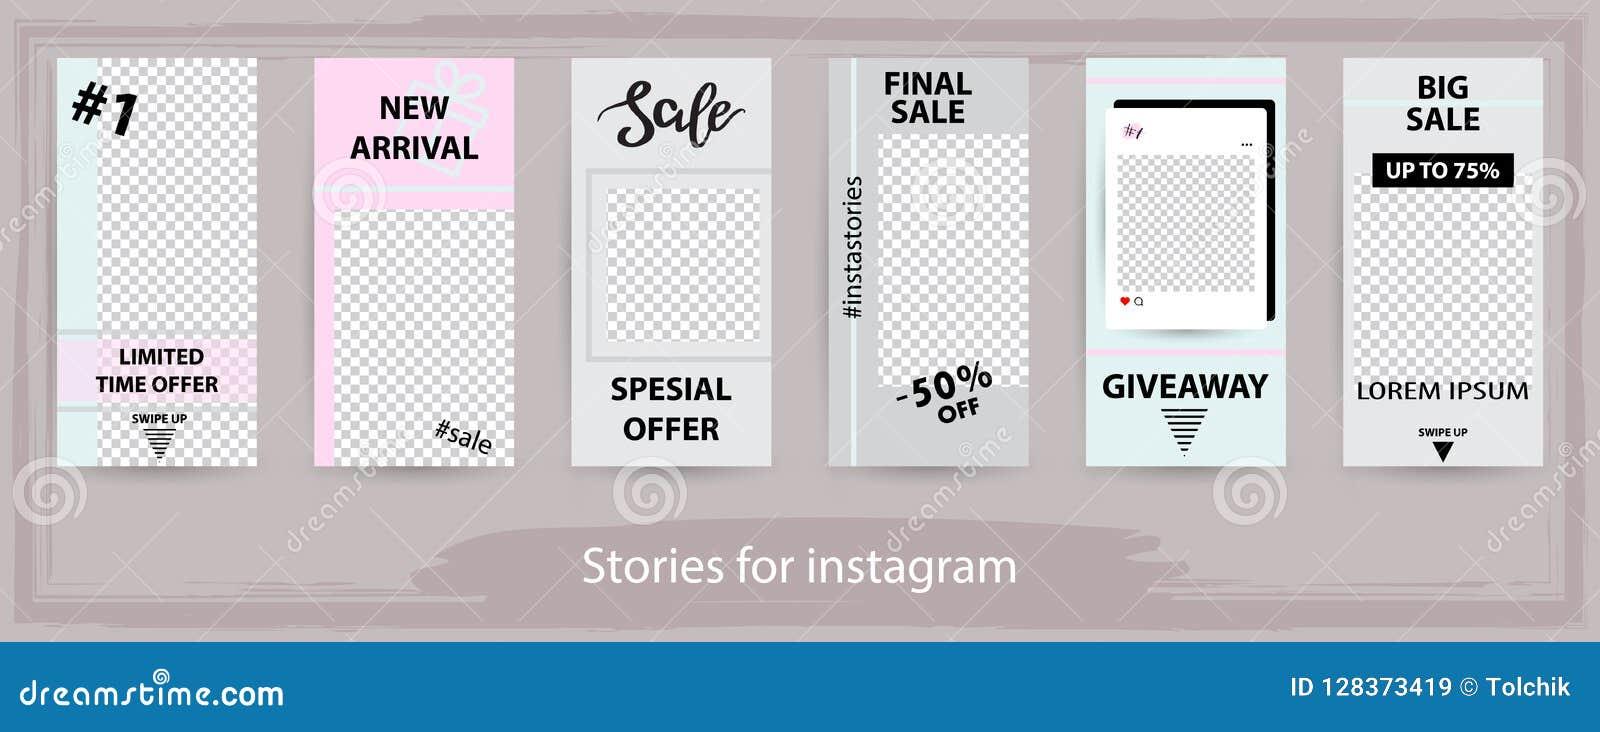 Καθιερώνοντα τη μόδα editable πρότυπα για τις ιστορίες instagram, πώληση, διάνυσμα ι